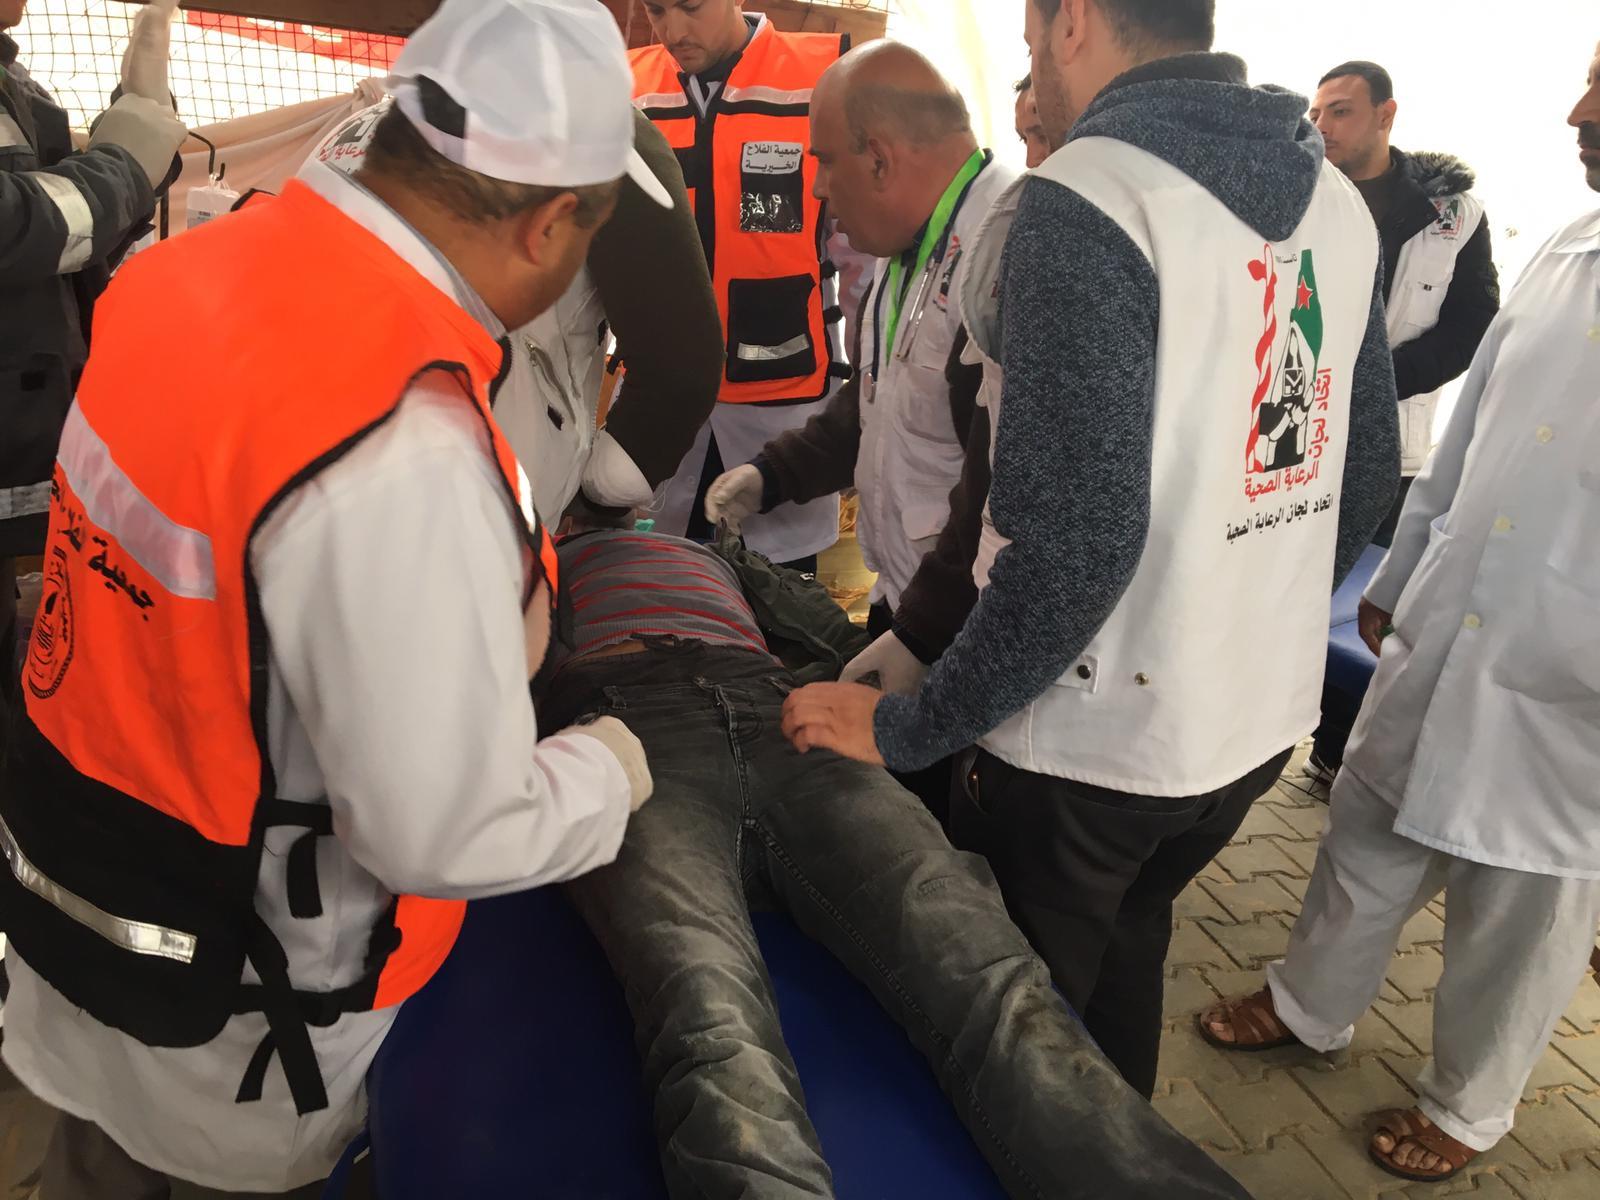 A man is treated for tear gas inhalation in Jabalya, Gaza.